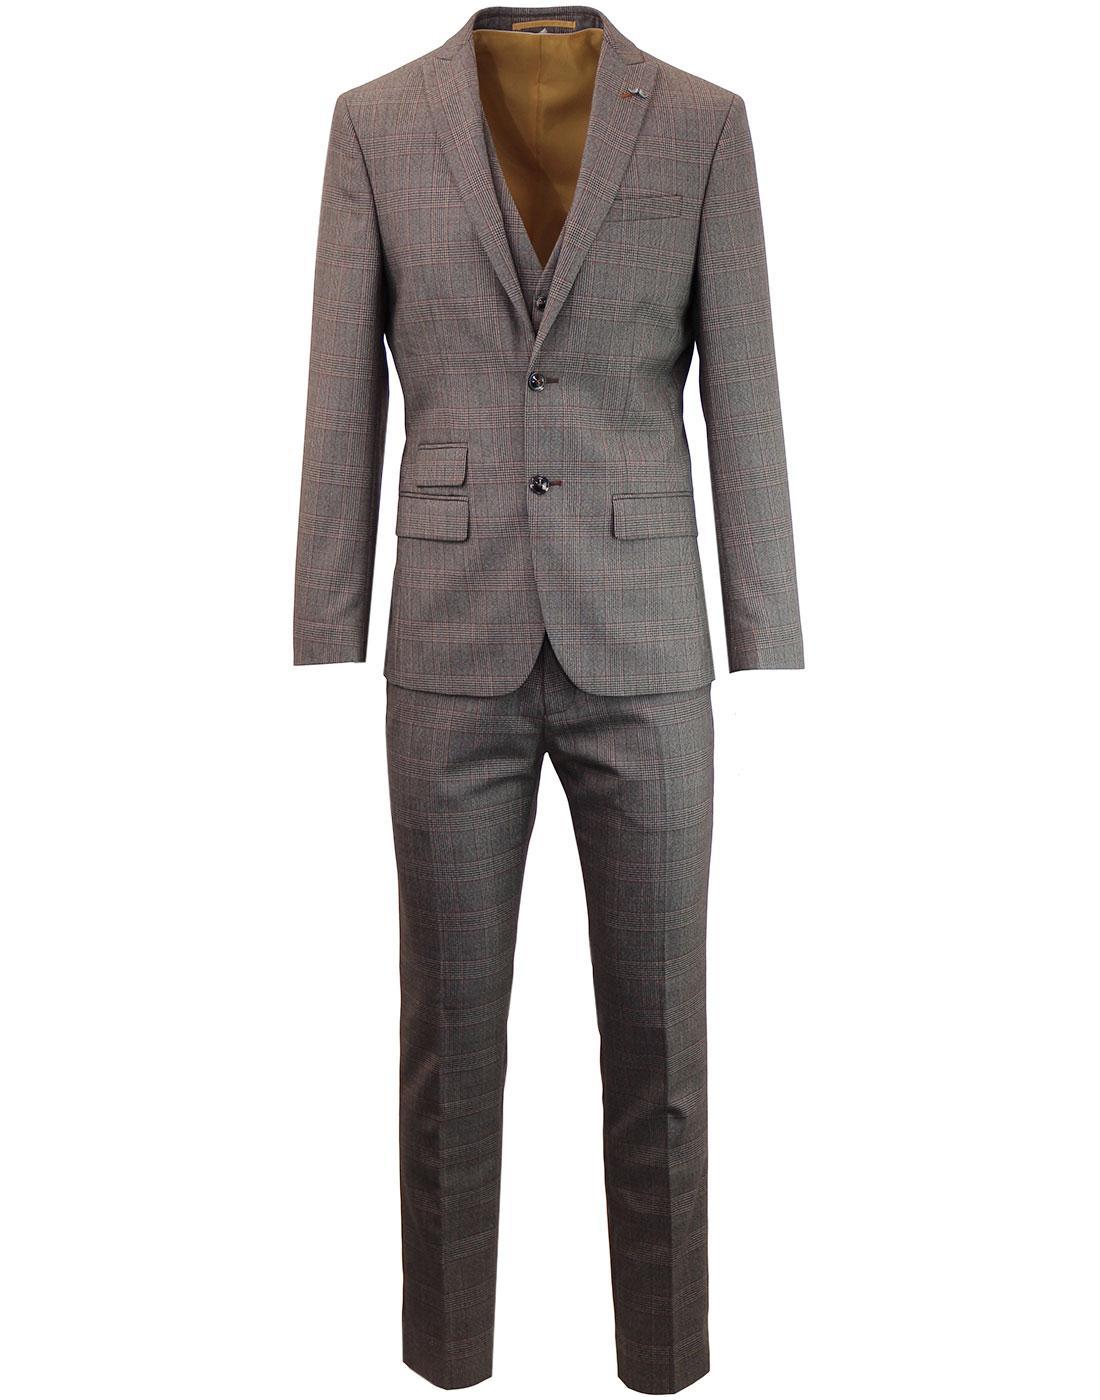 ANTIQUE ROGUE Mod 2 Button POW Check Suit Blazer Fawn